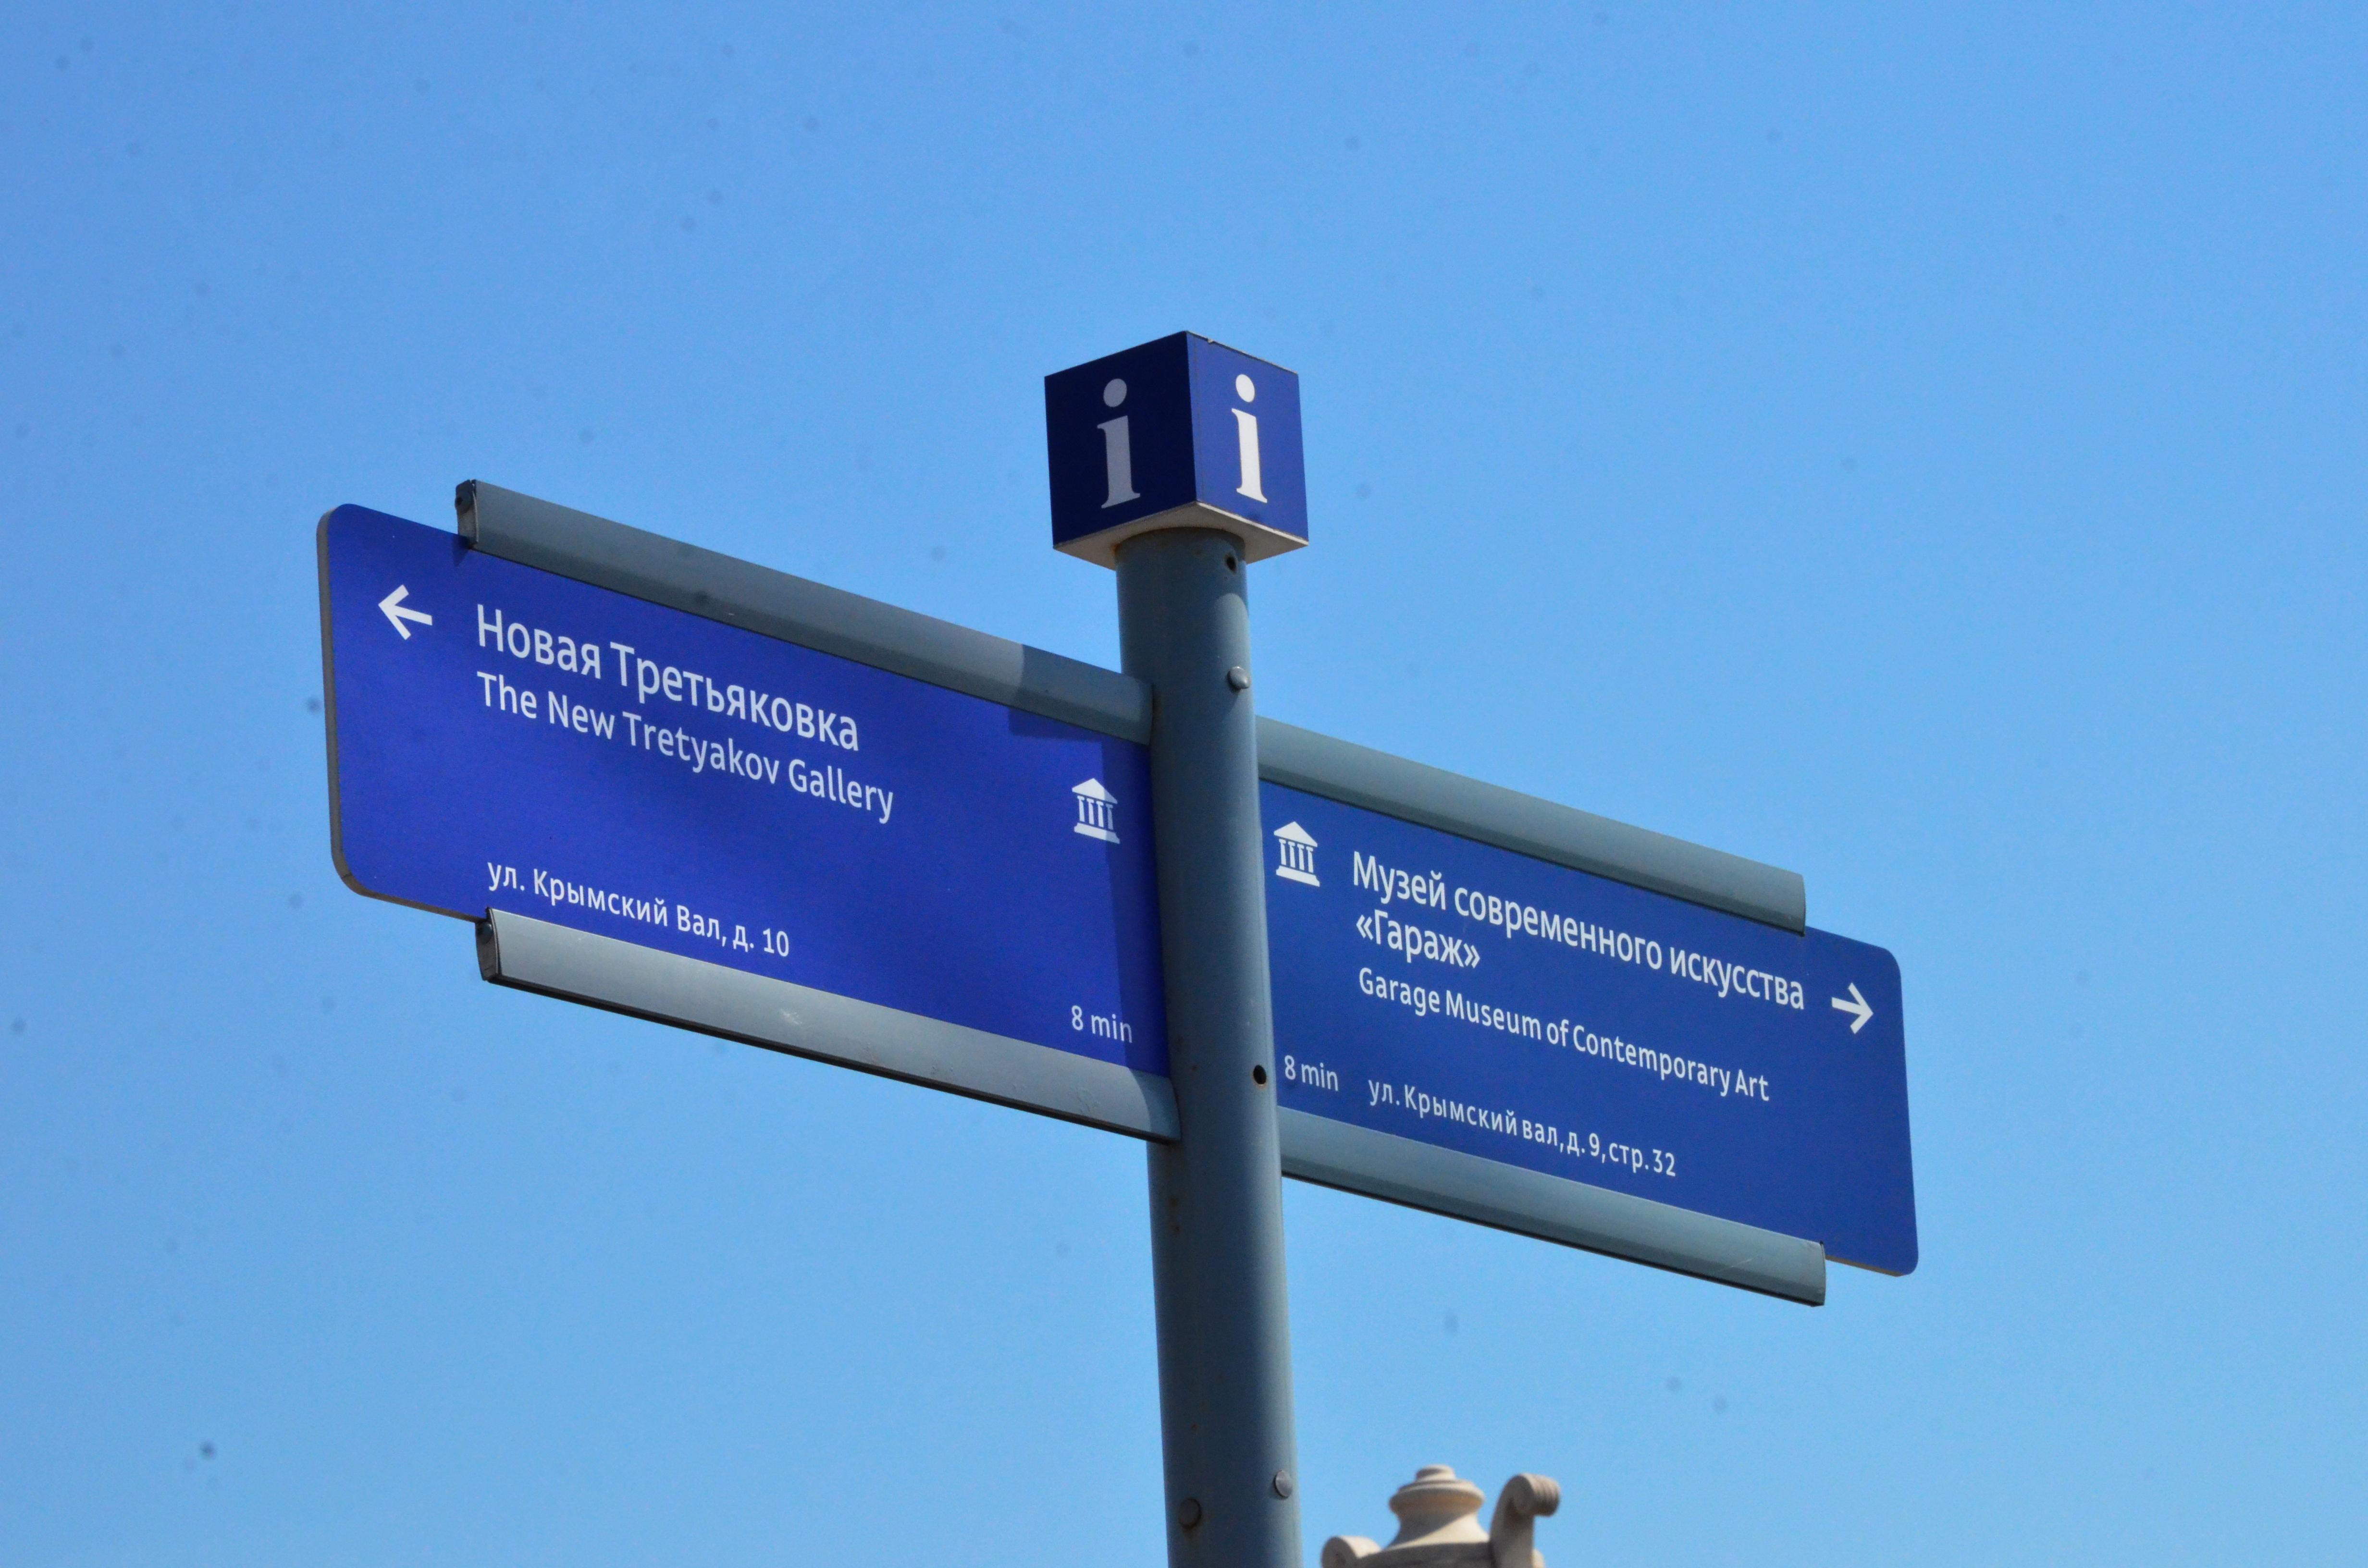 Около 800 столбов с навигационными указателями установили в Москве